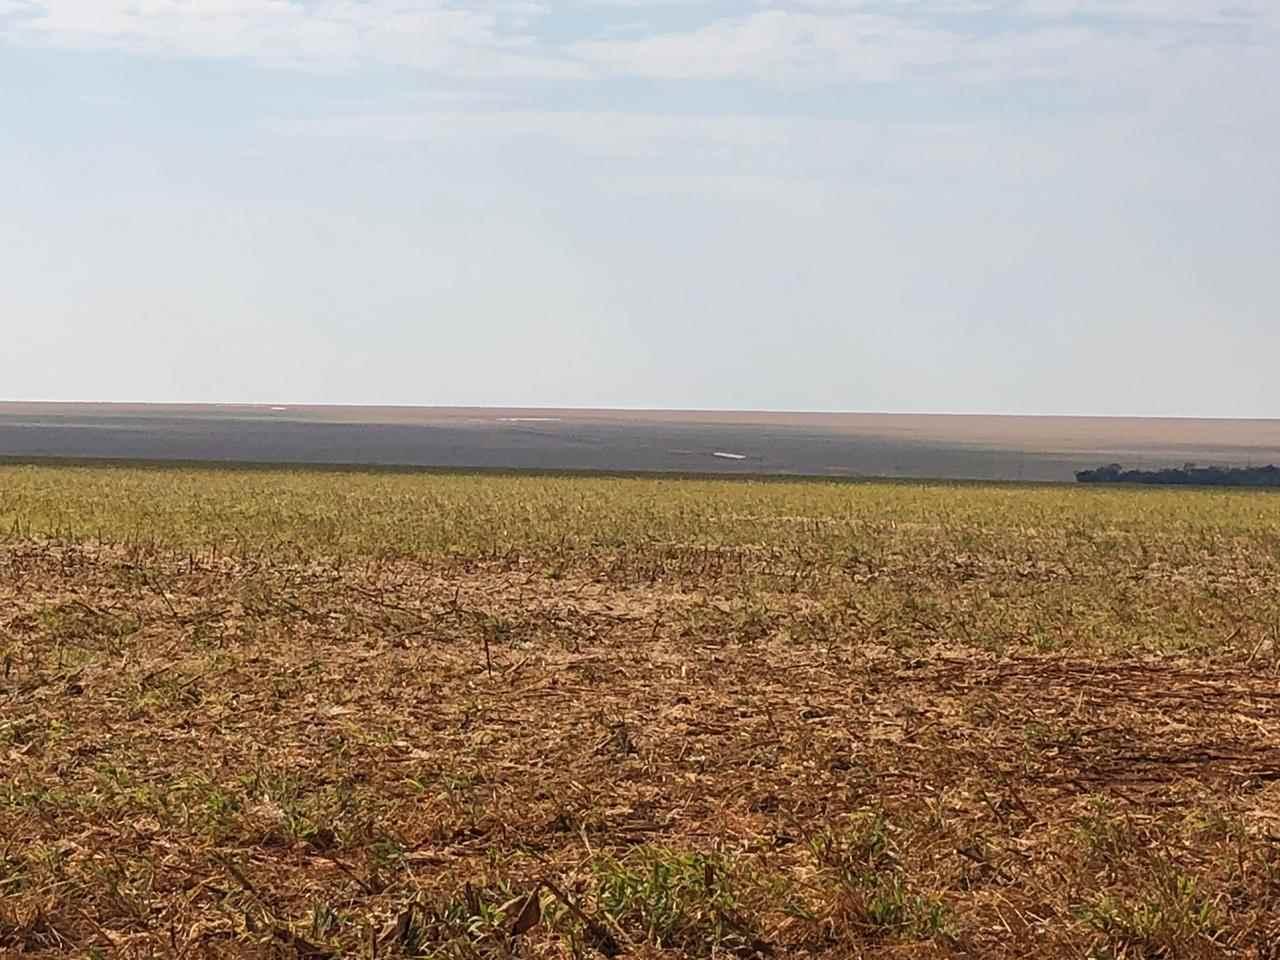 lucas-do-rio-verde%2fmt%2farea-a-venda-em-nova-mutum%2f%2f%2fagrimaq-maquinas-e-implementos-agricolas%2f1565